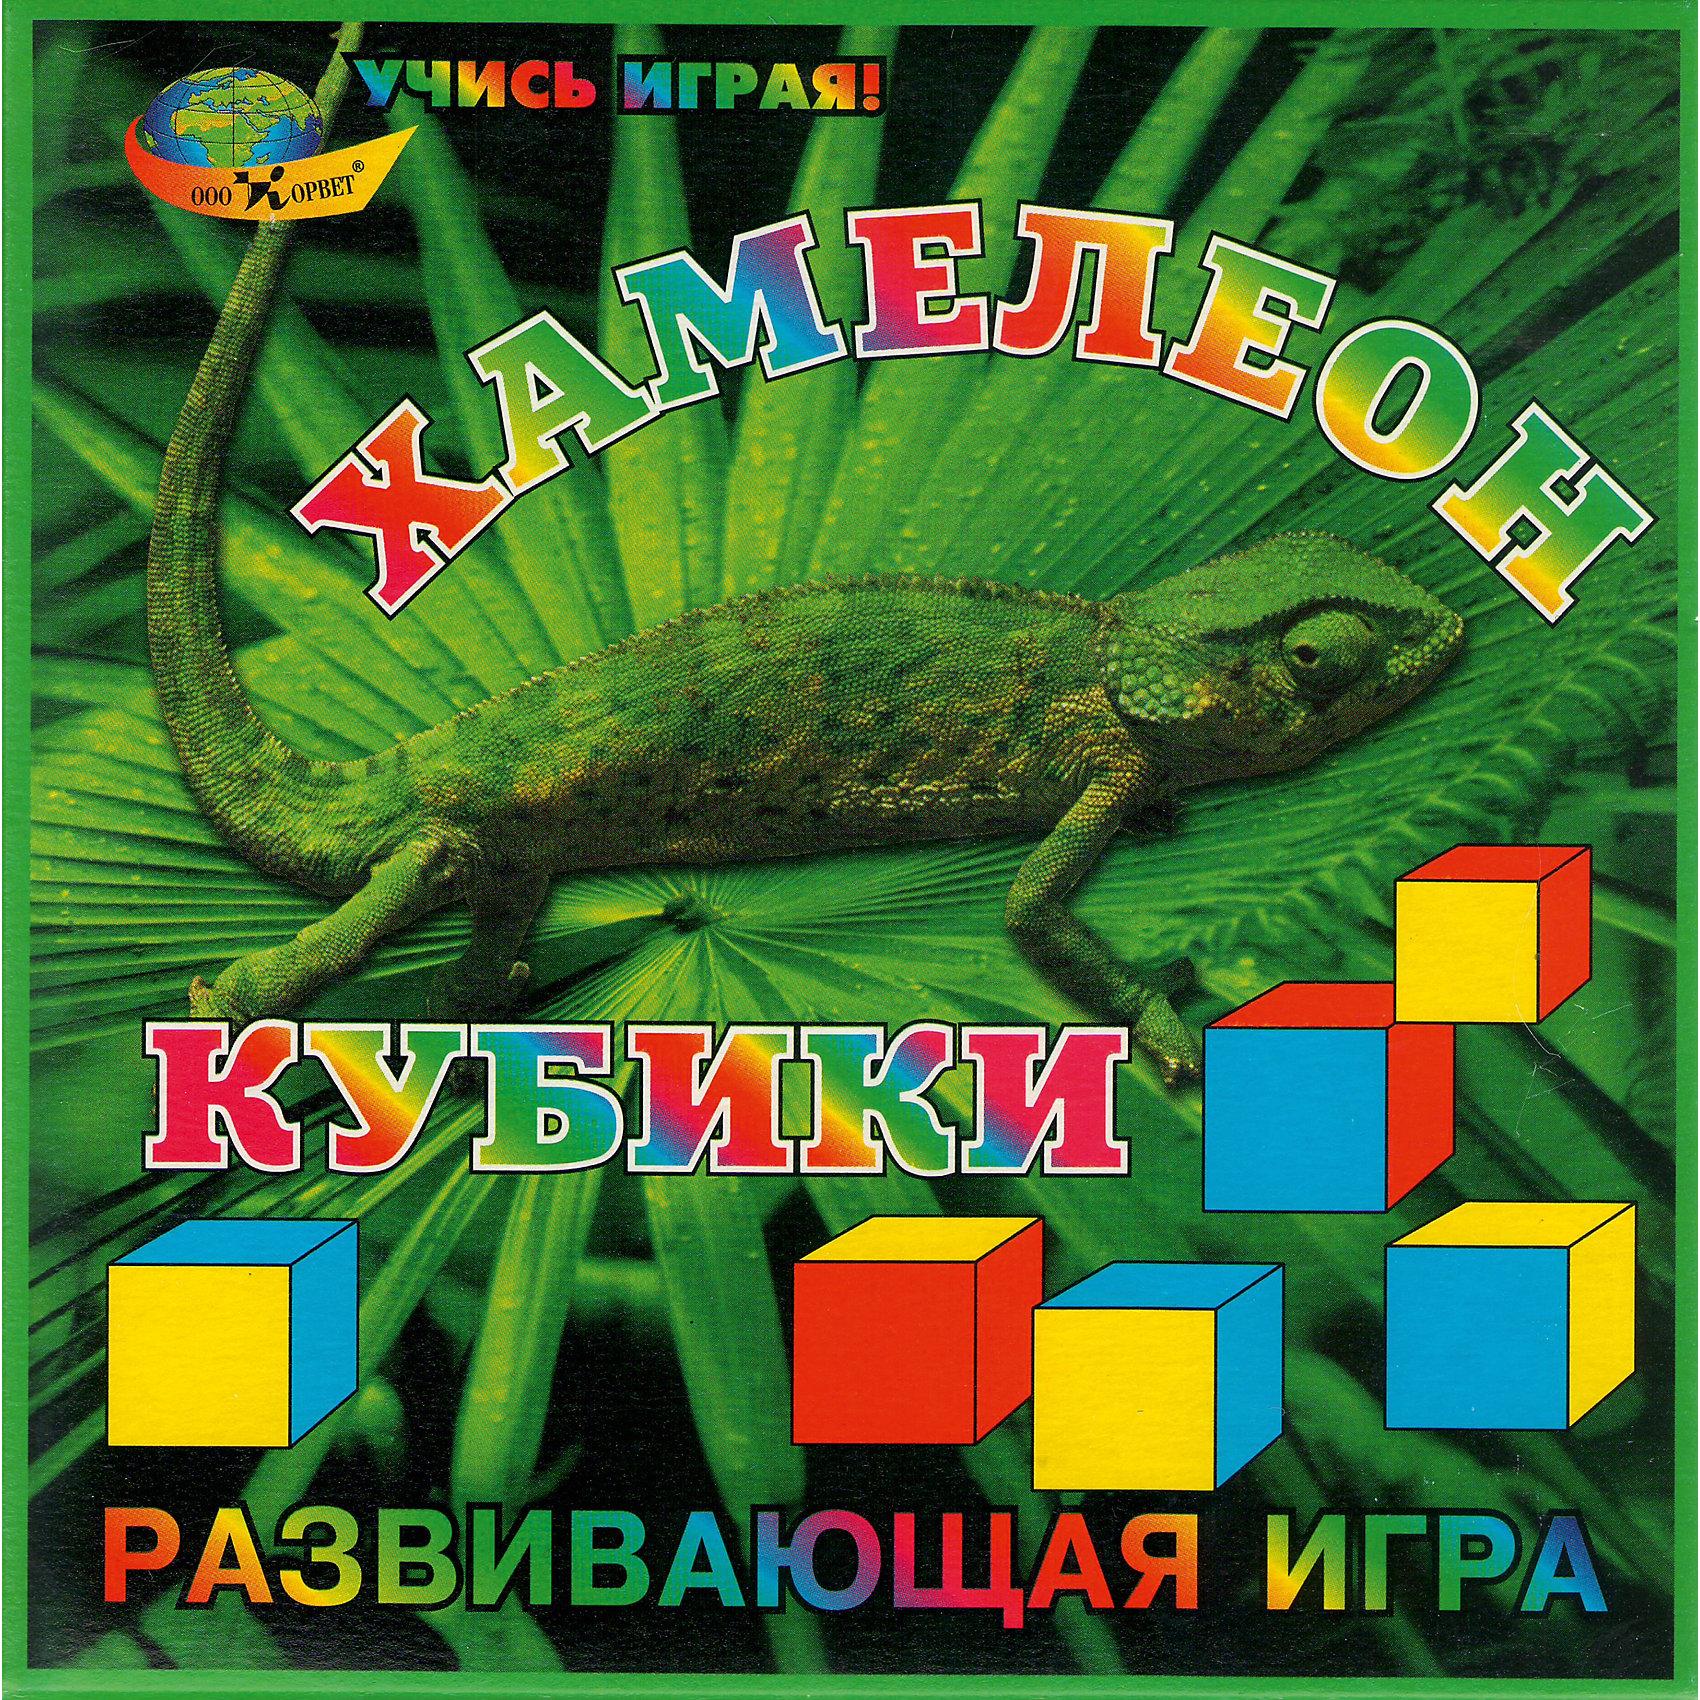 Развивающая игра Хамелеон. КубикиКубики<br>Игра состоит из 12 кубиков. Все кубики одинаковы, у каждого три грани, сходящиеся в одной вершине – окрашены одним цветом (синим), а три следующие – другим цветом (желтым). Это та игра, с которой начинается понимание азов черчения. После ХАМЕЛЕОНА можно перейти кУНИКУБУ, но миновать эту игру нельзя, особенно если ребенку 6-7 лет и у него недостаточно развито образное мышление, умение осуществлять комбинаторные действия.<br><br>Ширина мм: 17<br>Глубина мм: 17<br>Высота мм: 4<br>Вес г: 250<br>Возраст от месяцев: 48<br>Возраст до месяцев: 2147483647<br>Пол: Унисекс<br>Возраст: Детский<br>SKU: 4803023